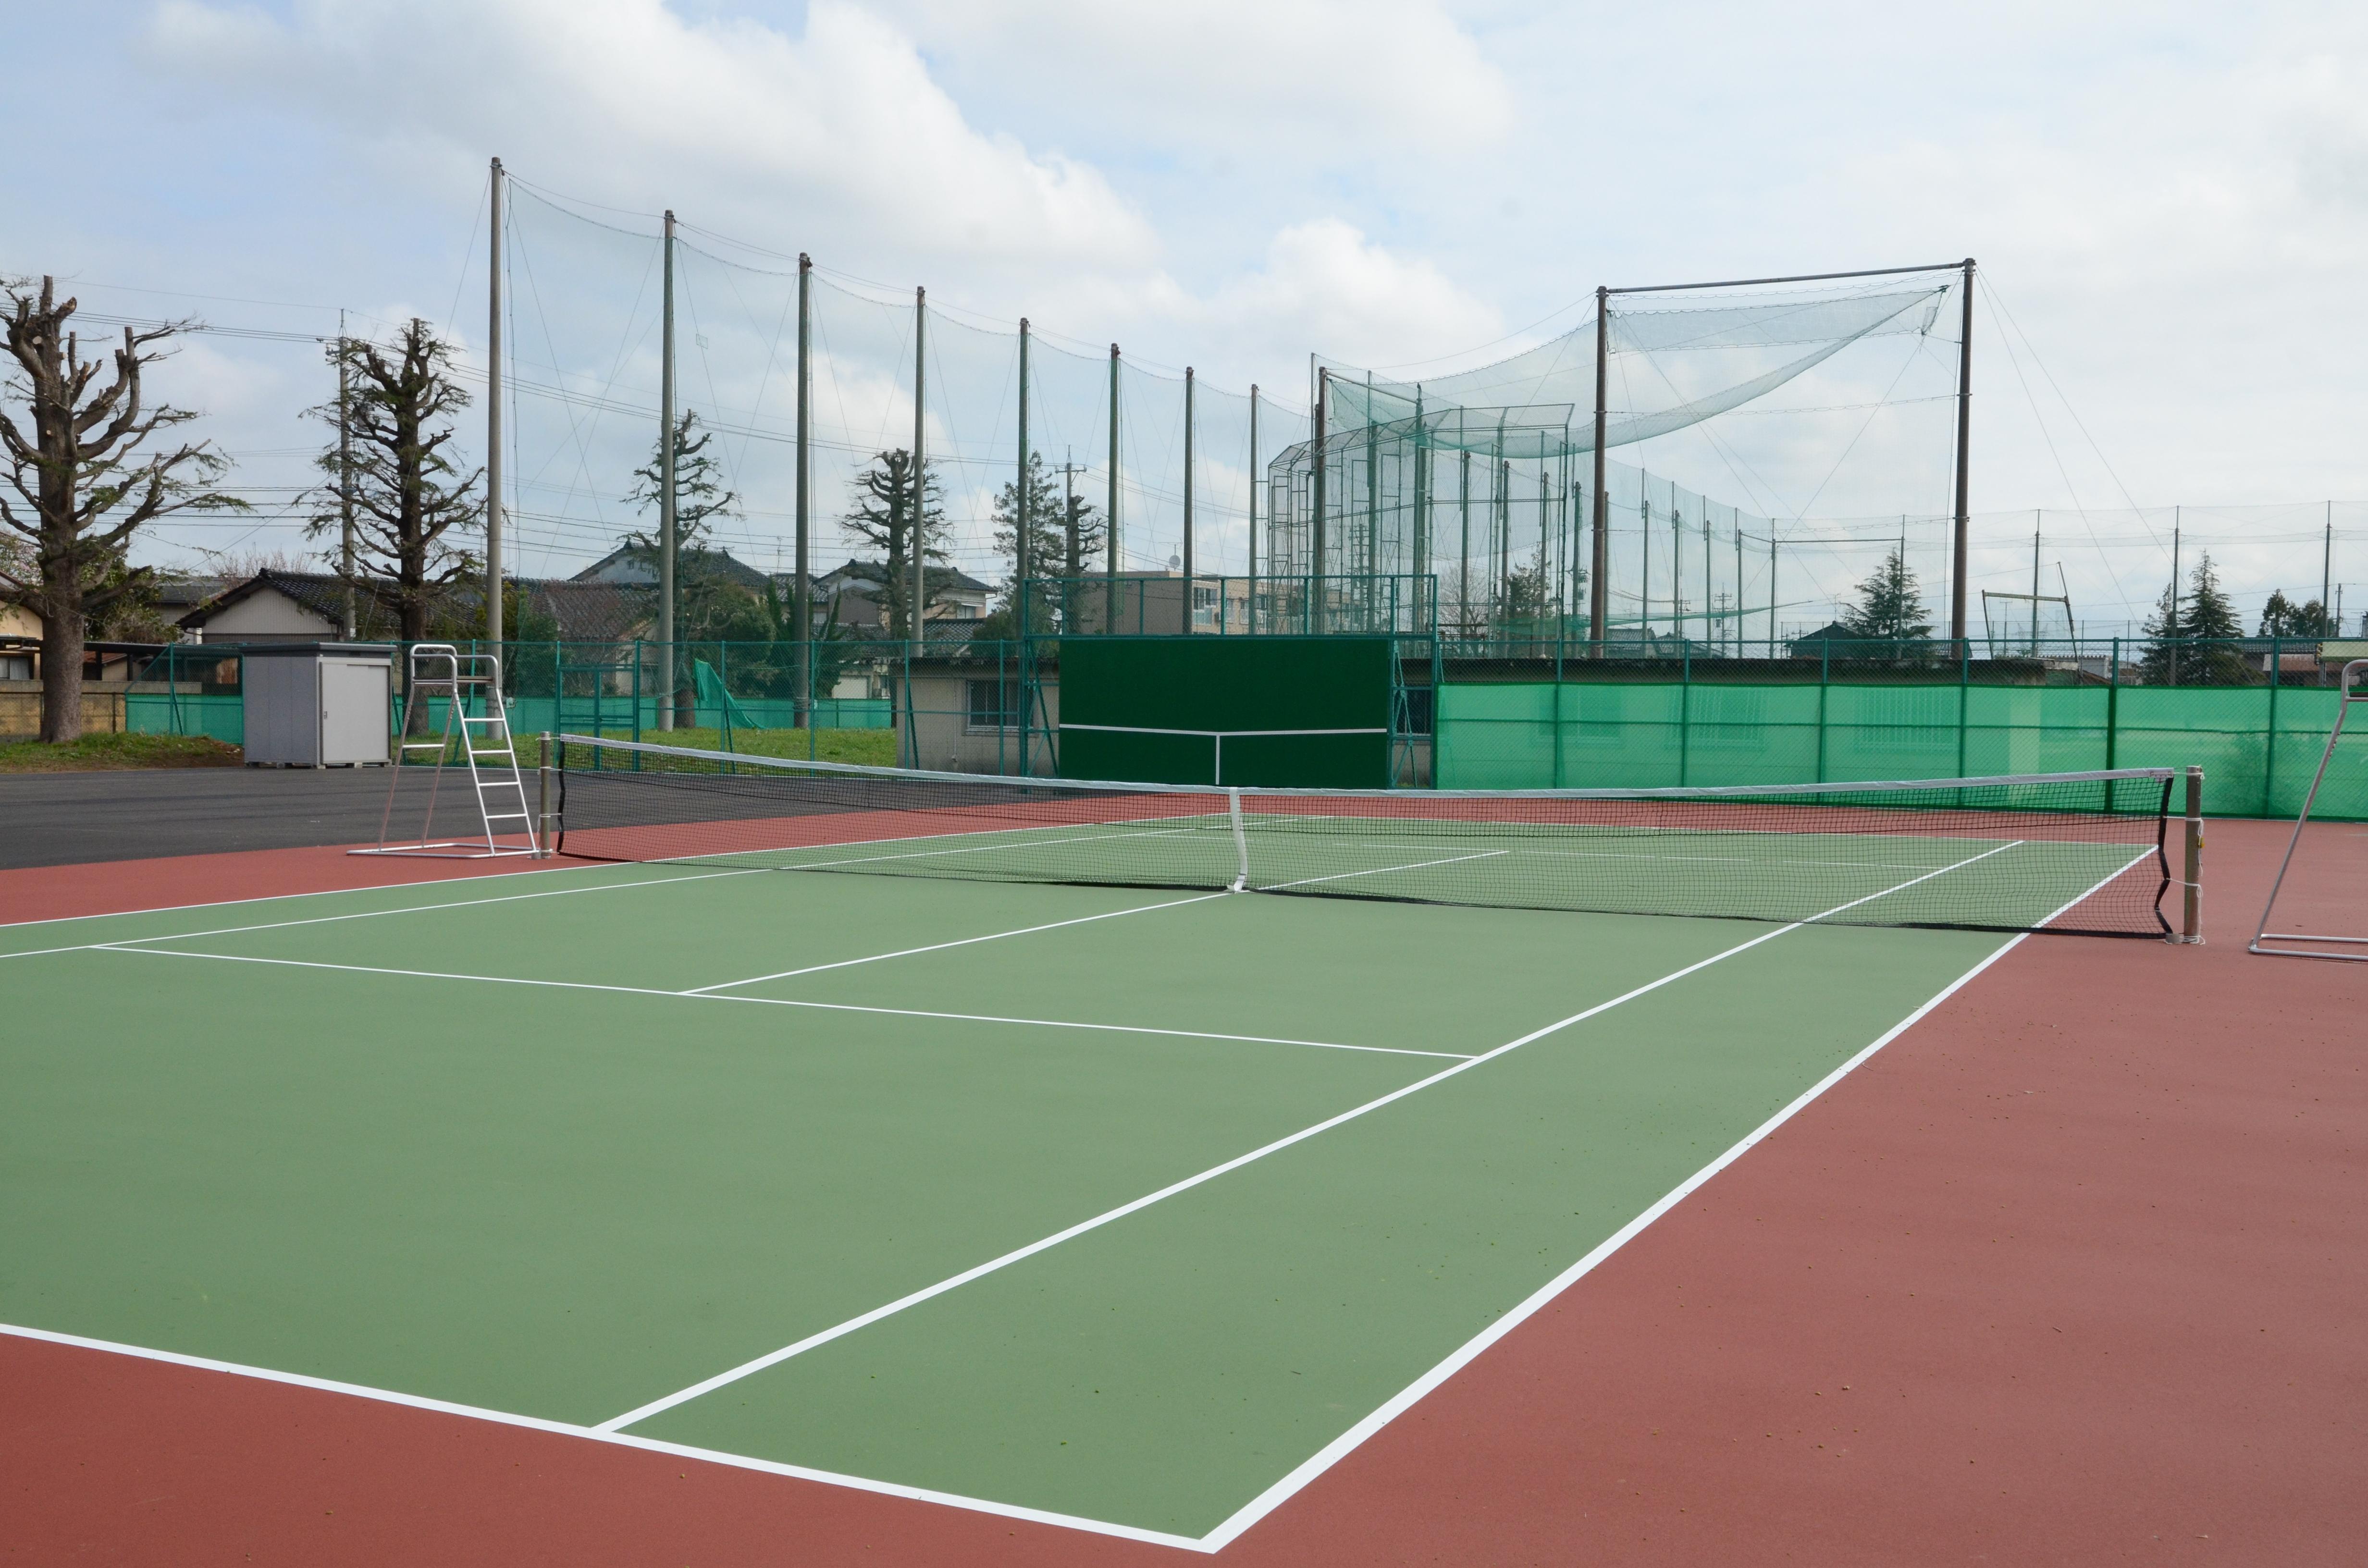 テニスコート竣工式を挙行しました。(本郷キャンパス)1テニスコート